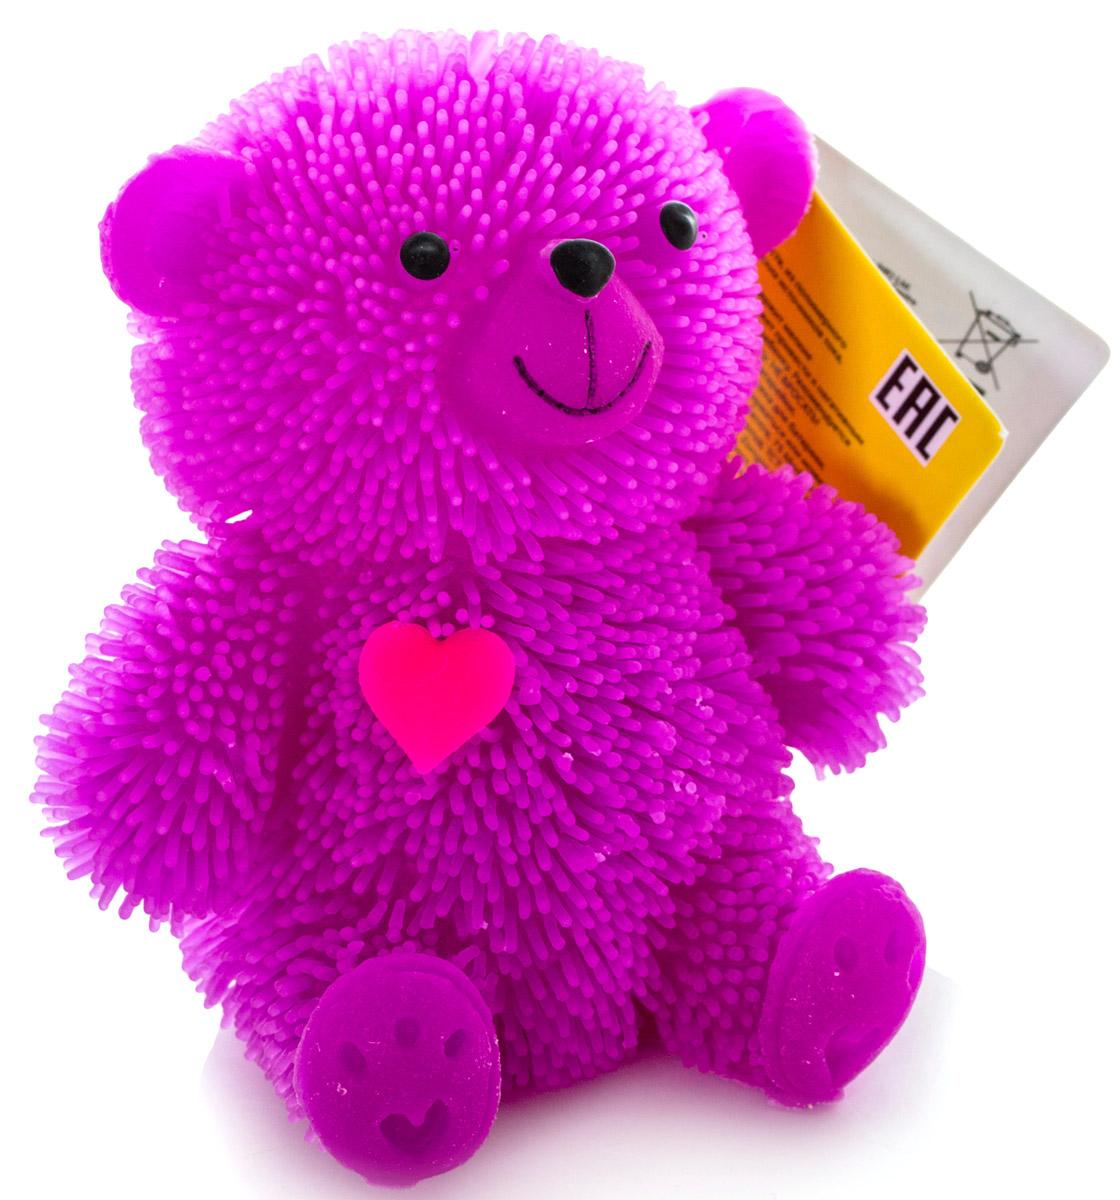 HGL Фигурка Медведь с подсветкой цвет фиолетовый